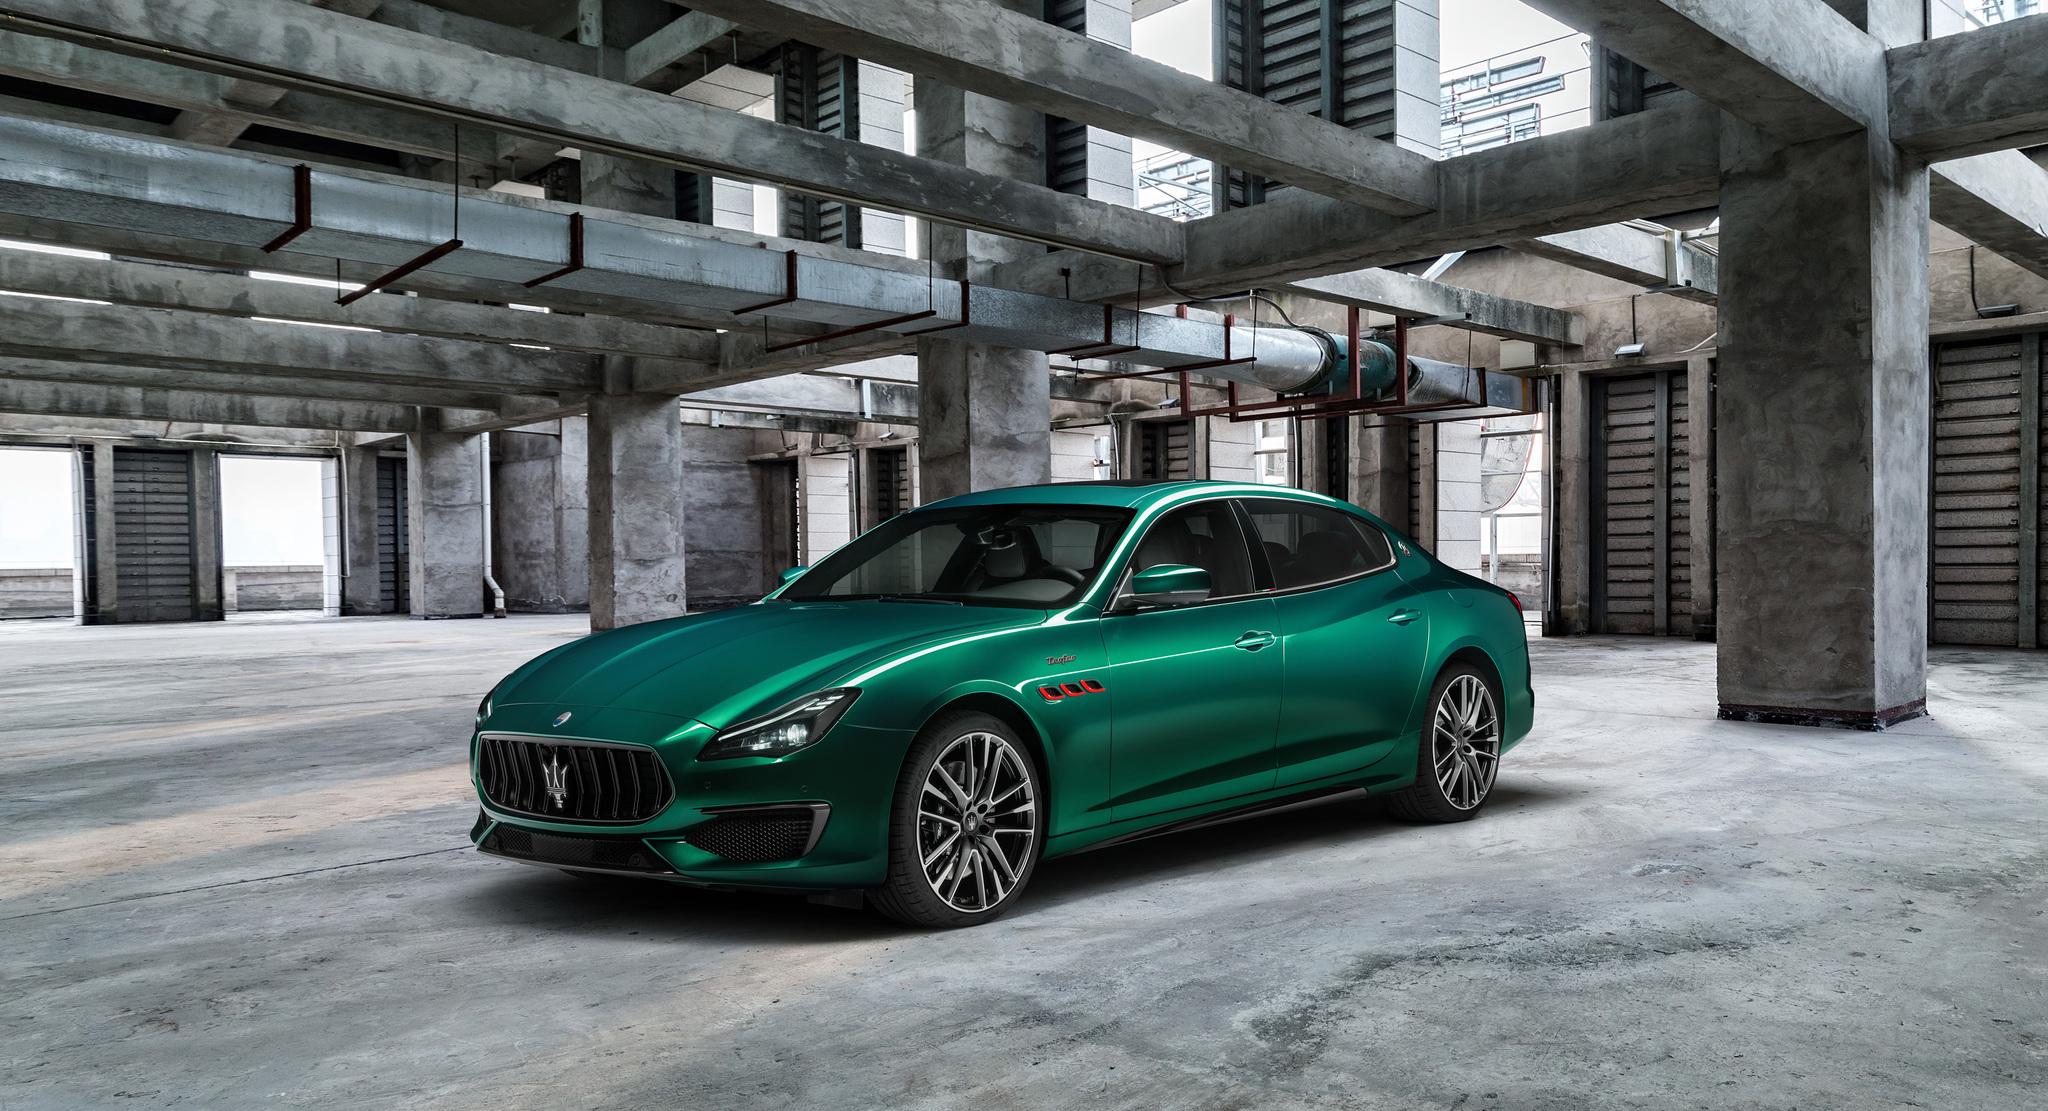 Maserati Quattroporte Trofeo (2021, M156) photos